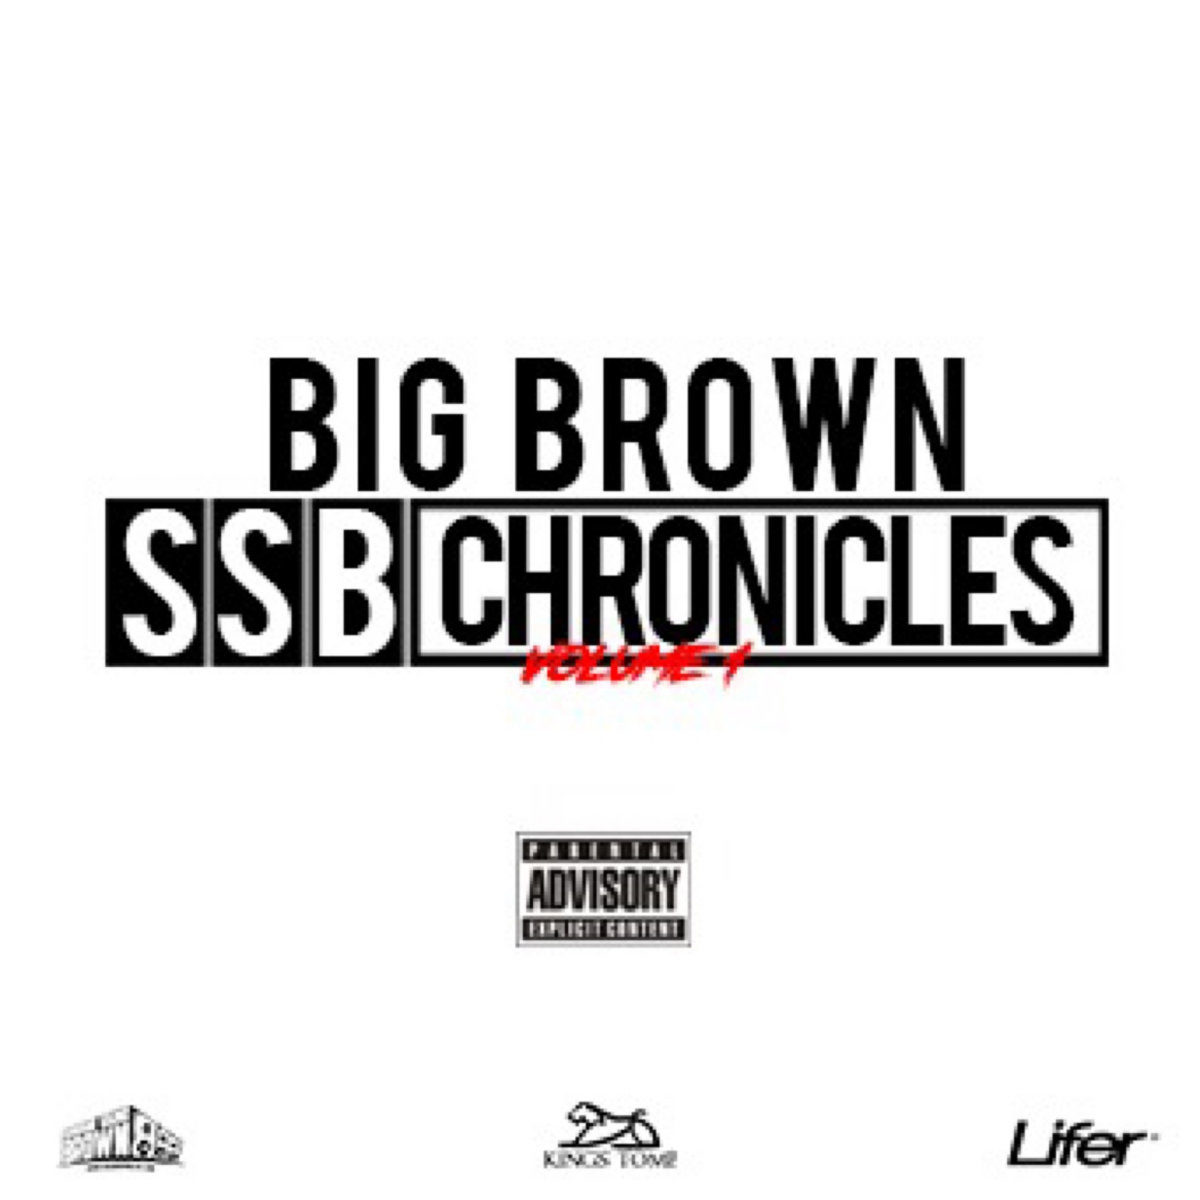 ssb-chronicles